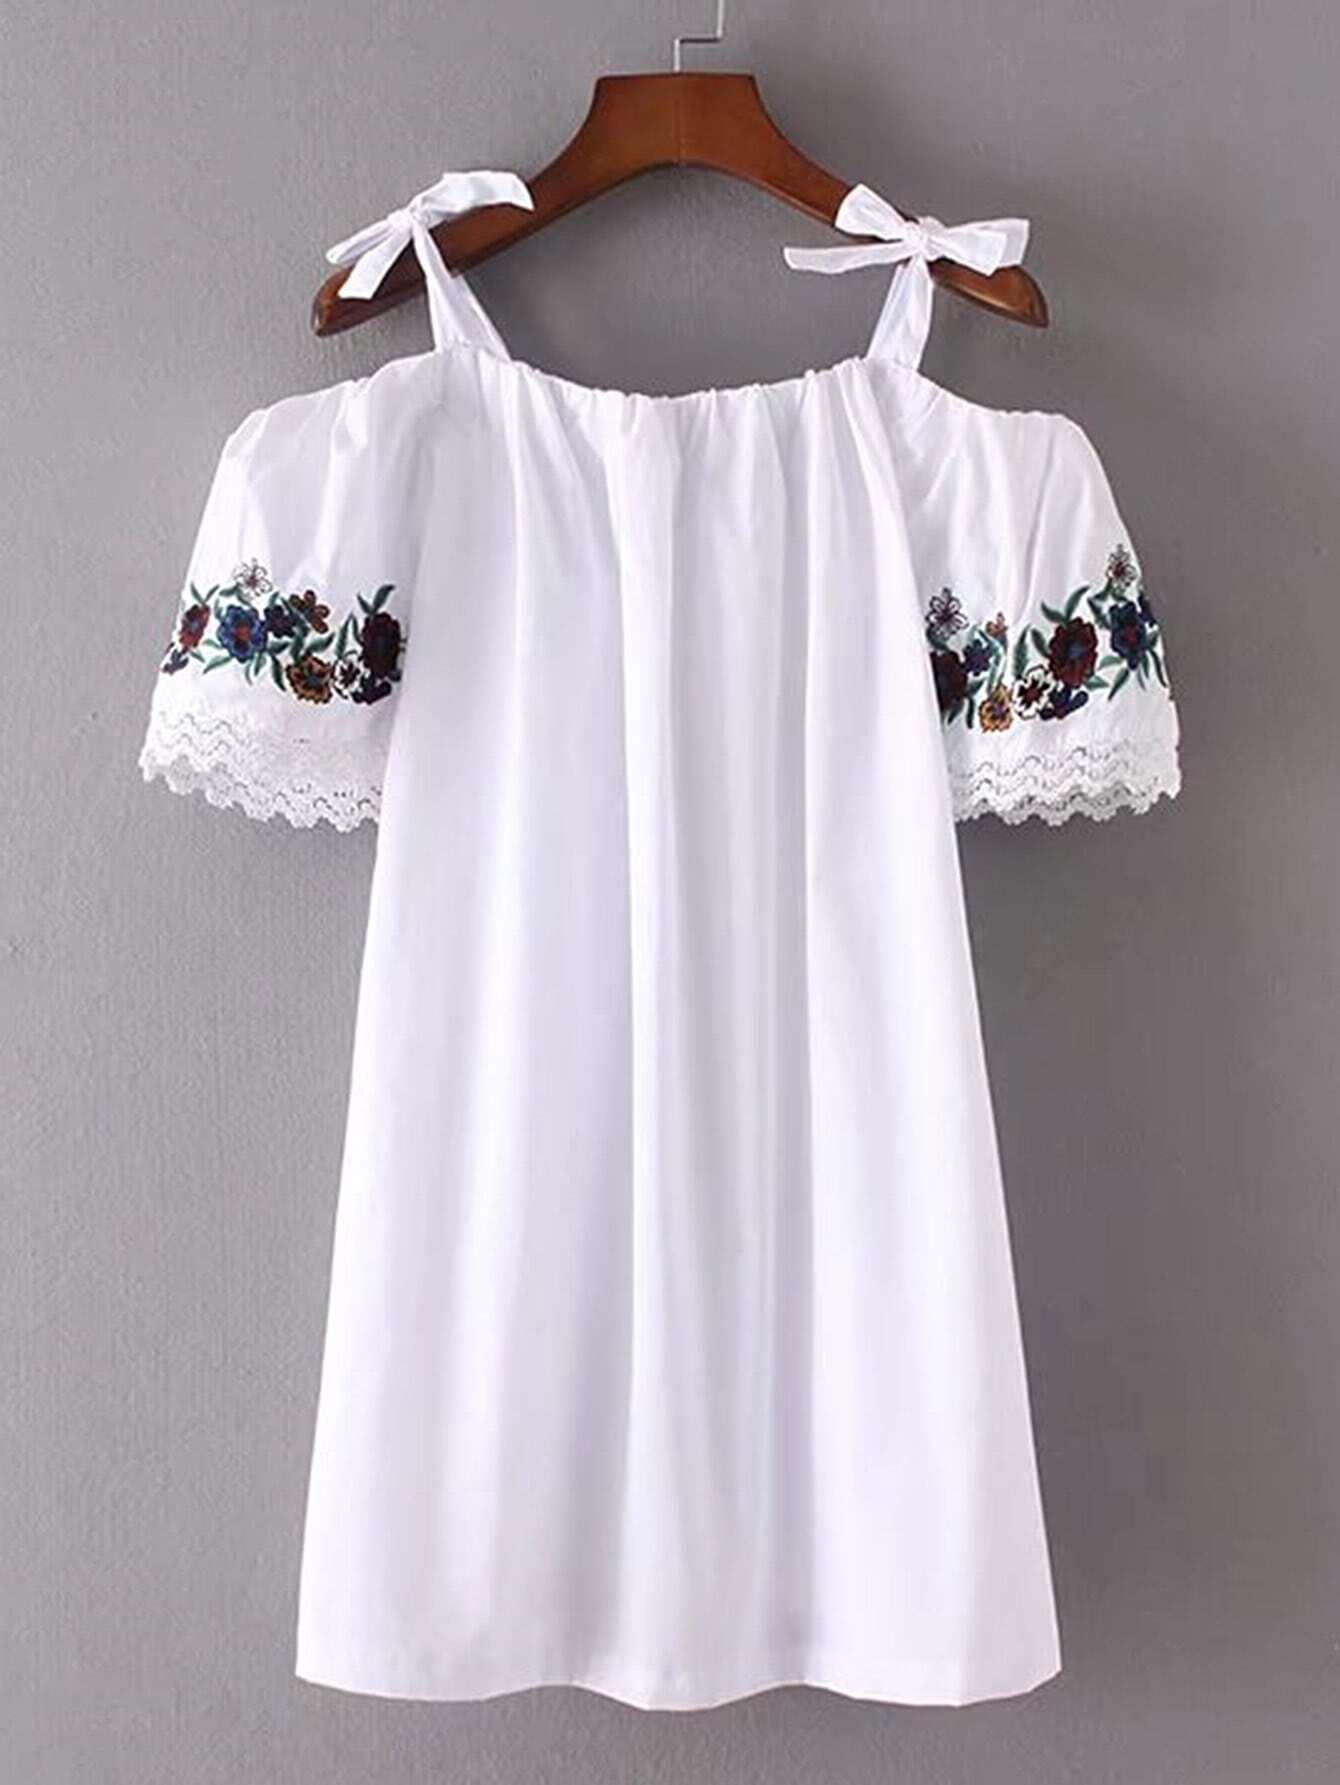 Фото Cold Shoulder Embroidery Bow Tie Detail Dress. Купить с доставкой